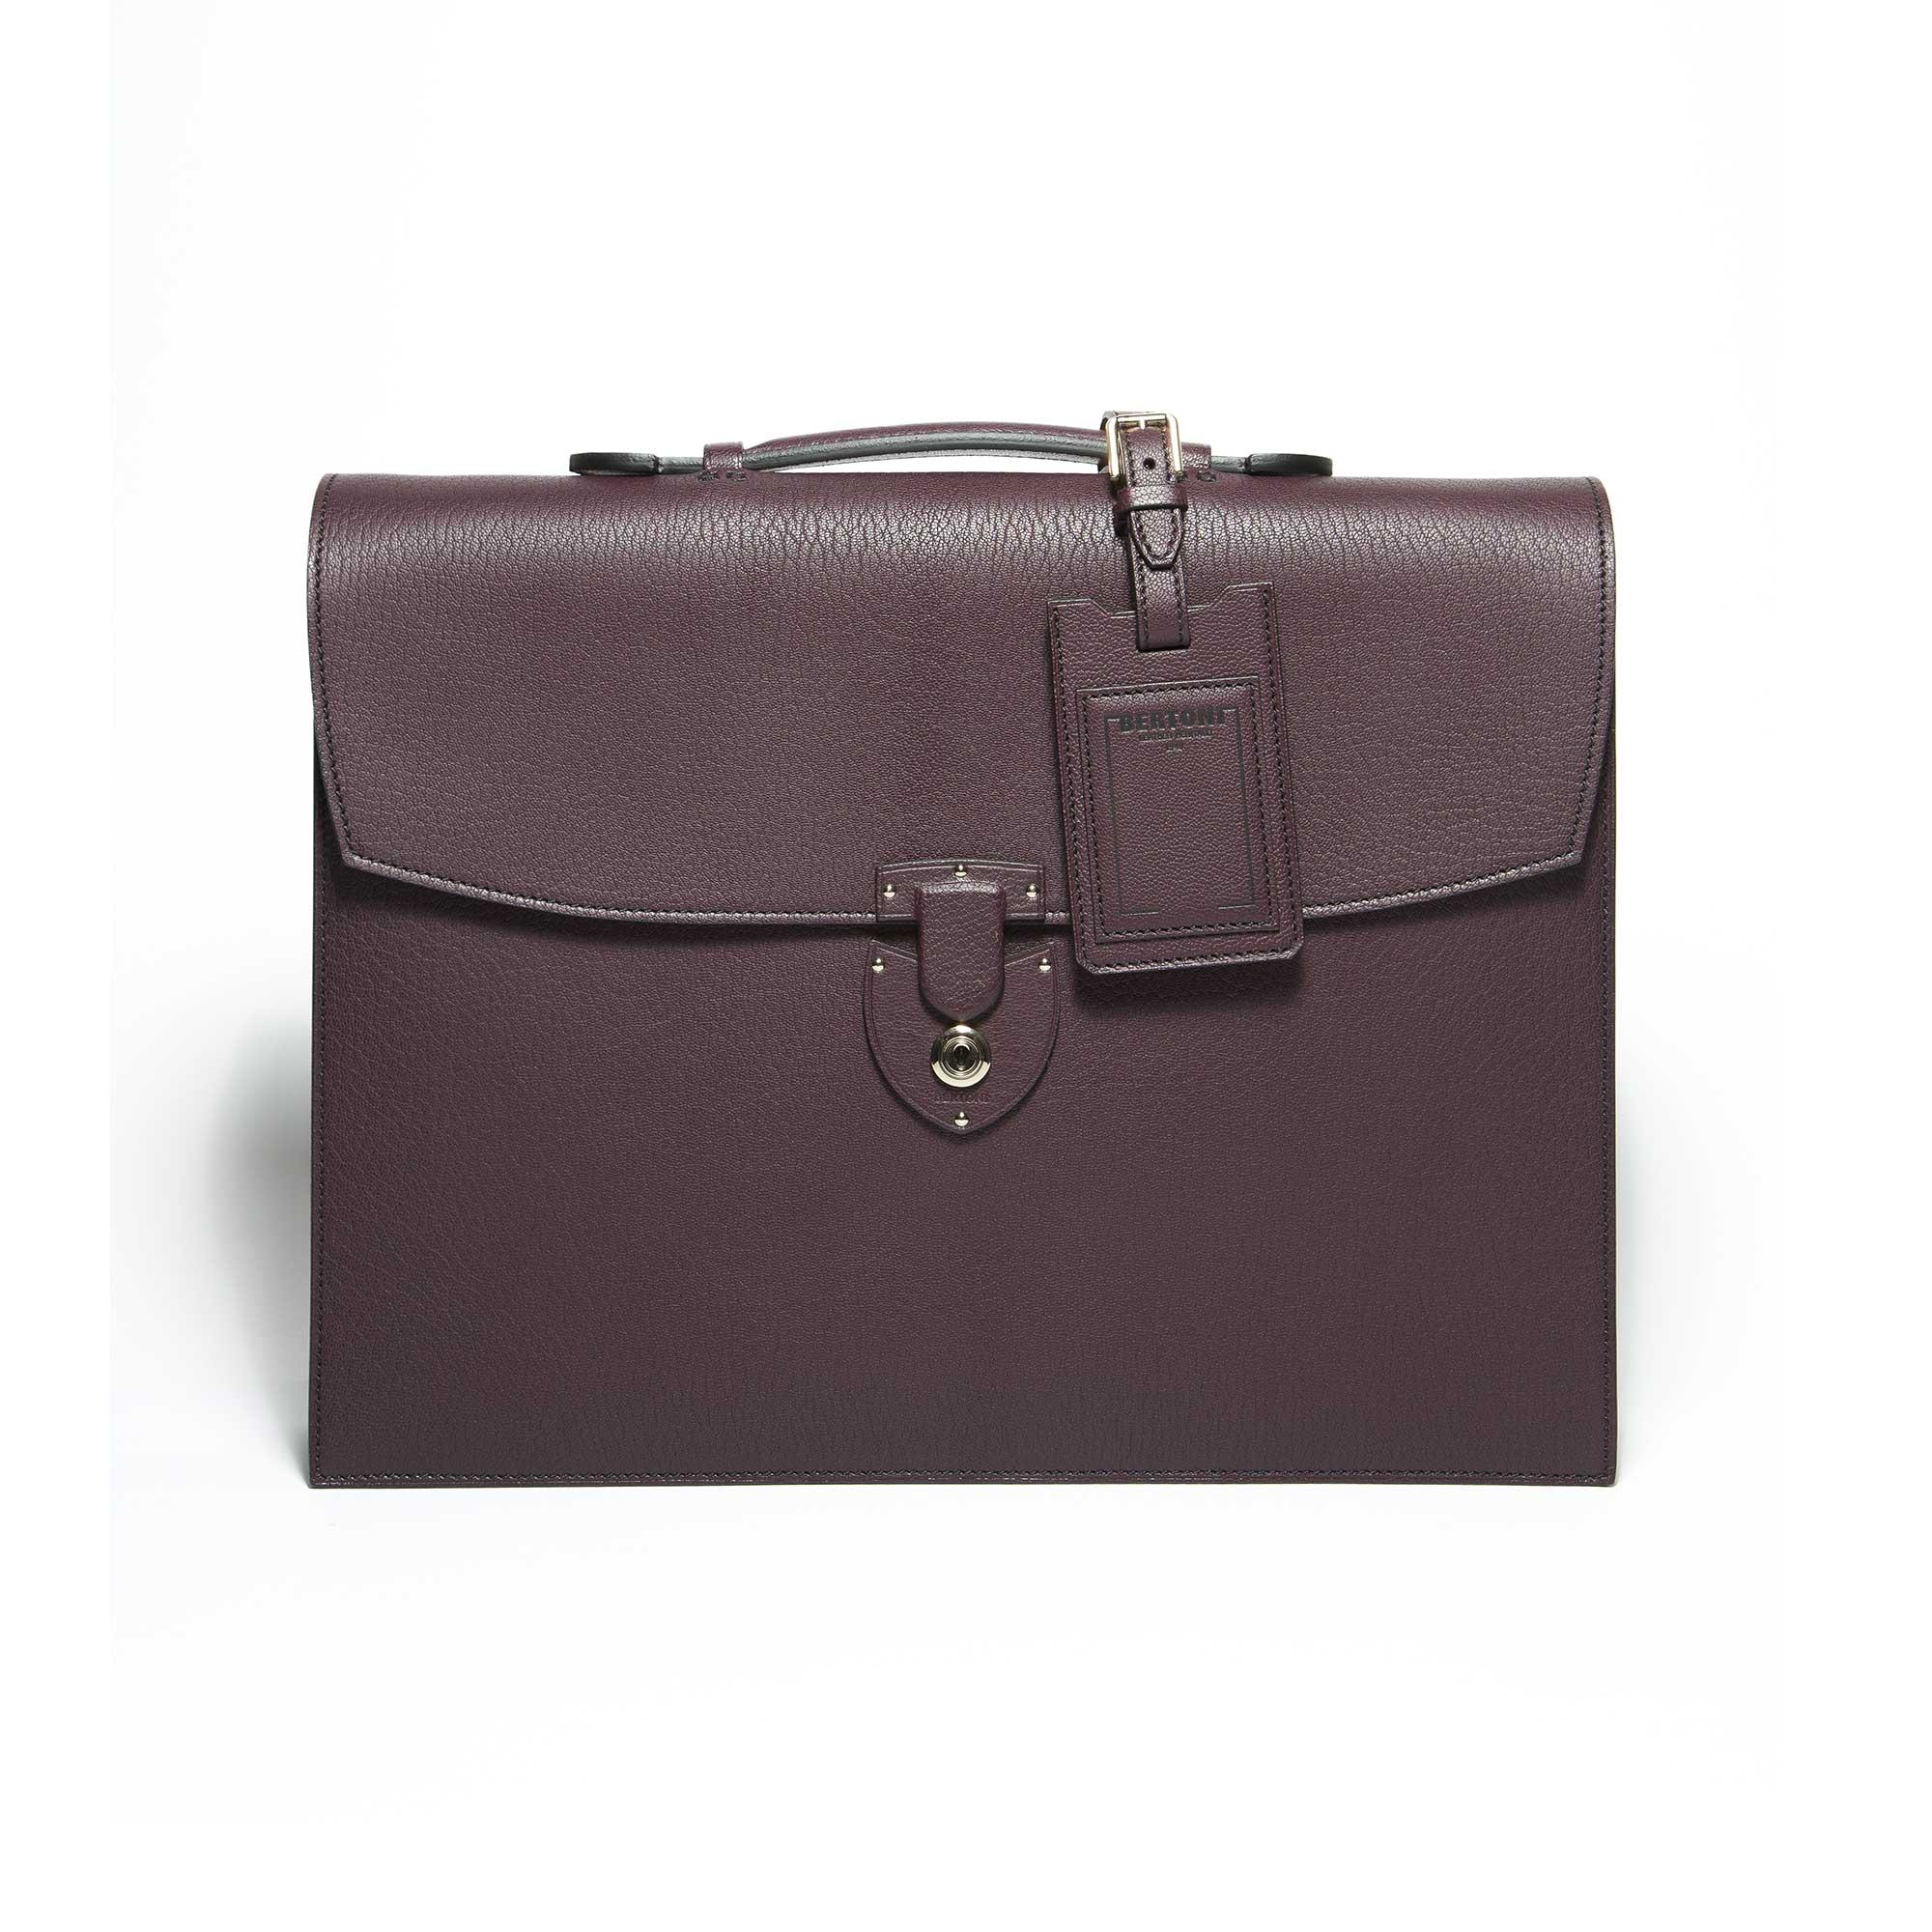 Double-gusset-Briefcase-bordeaux-goat-skin-bag-Bertoni-1949